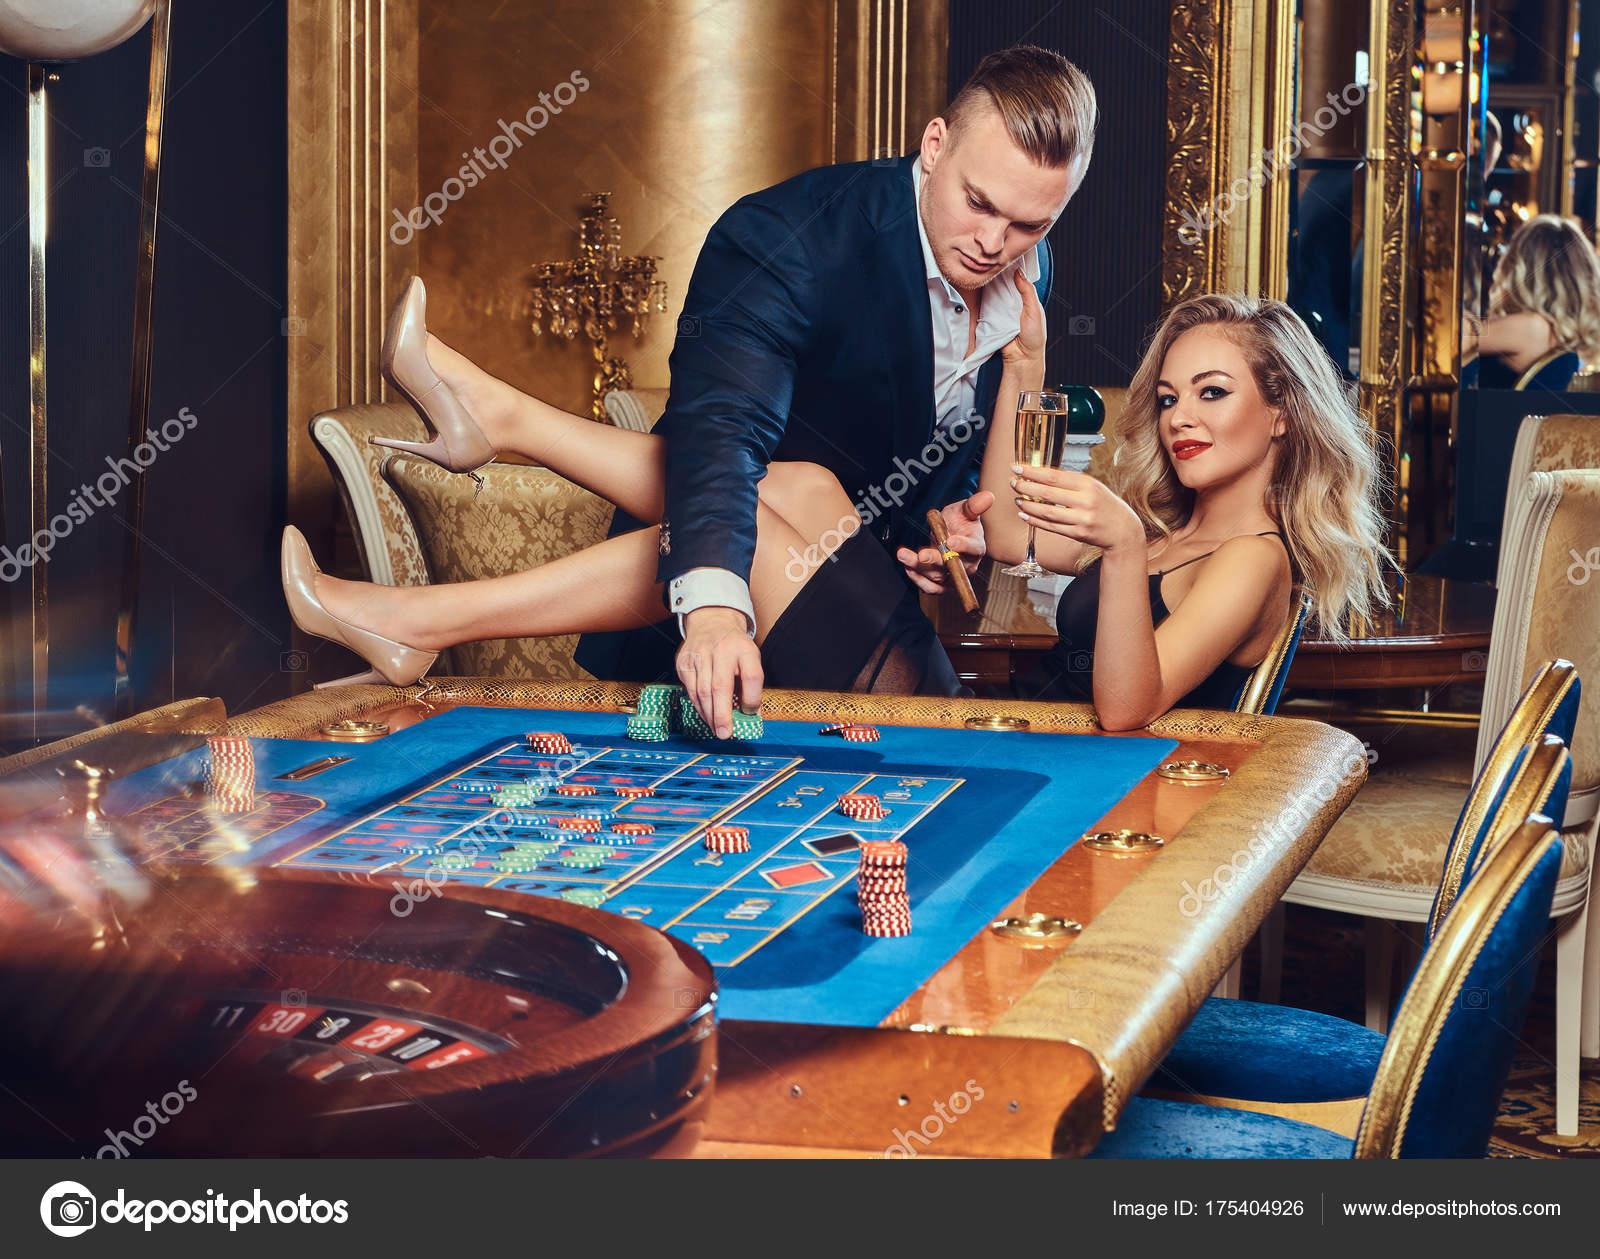 Сексуальная игра для мужчин и женщин